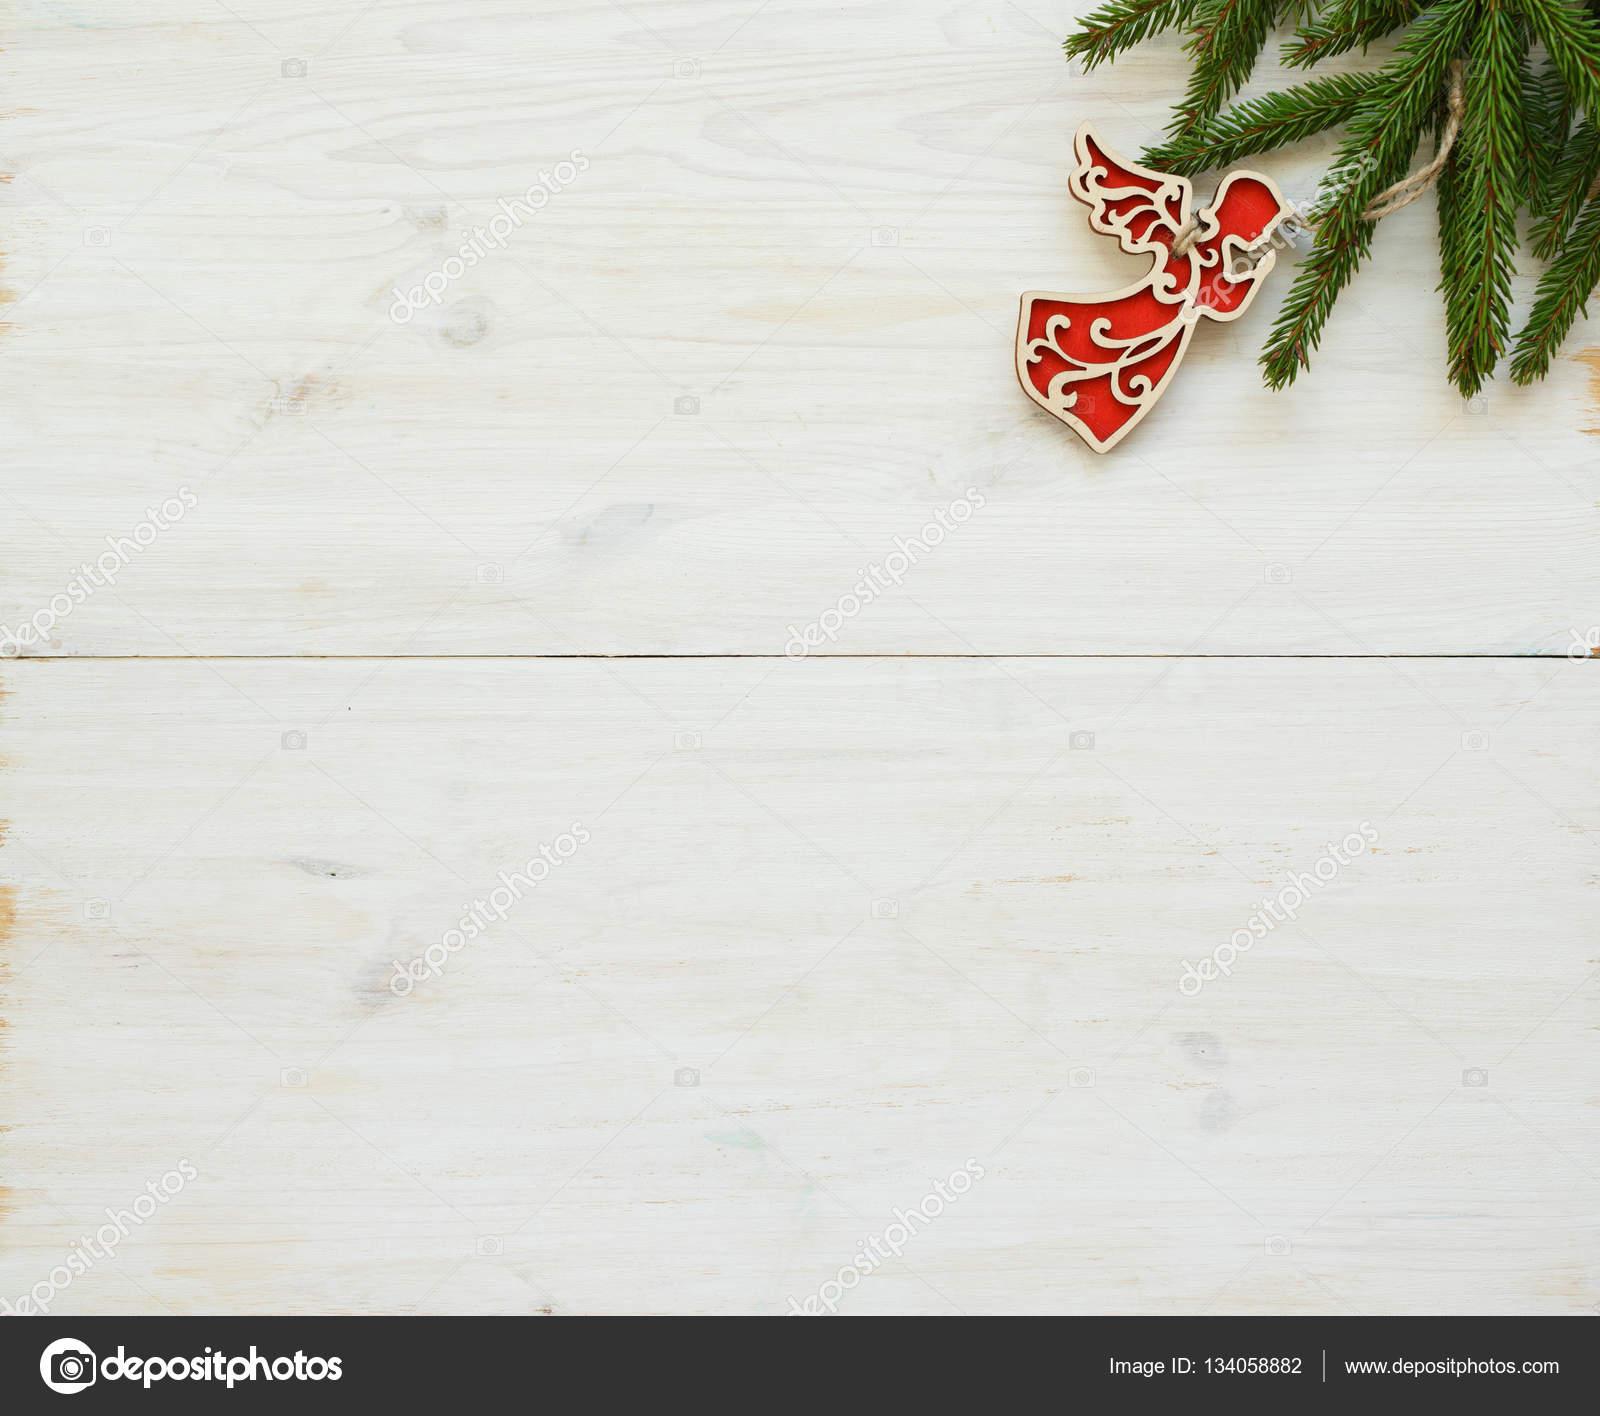 Kerstboom Takken Met Kerstversiering Op Wit Hout Stockfoto